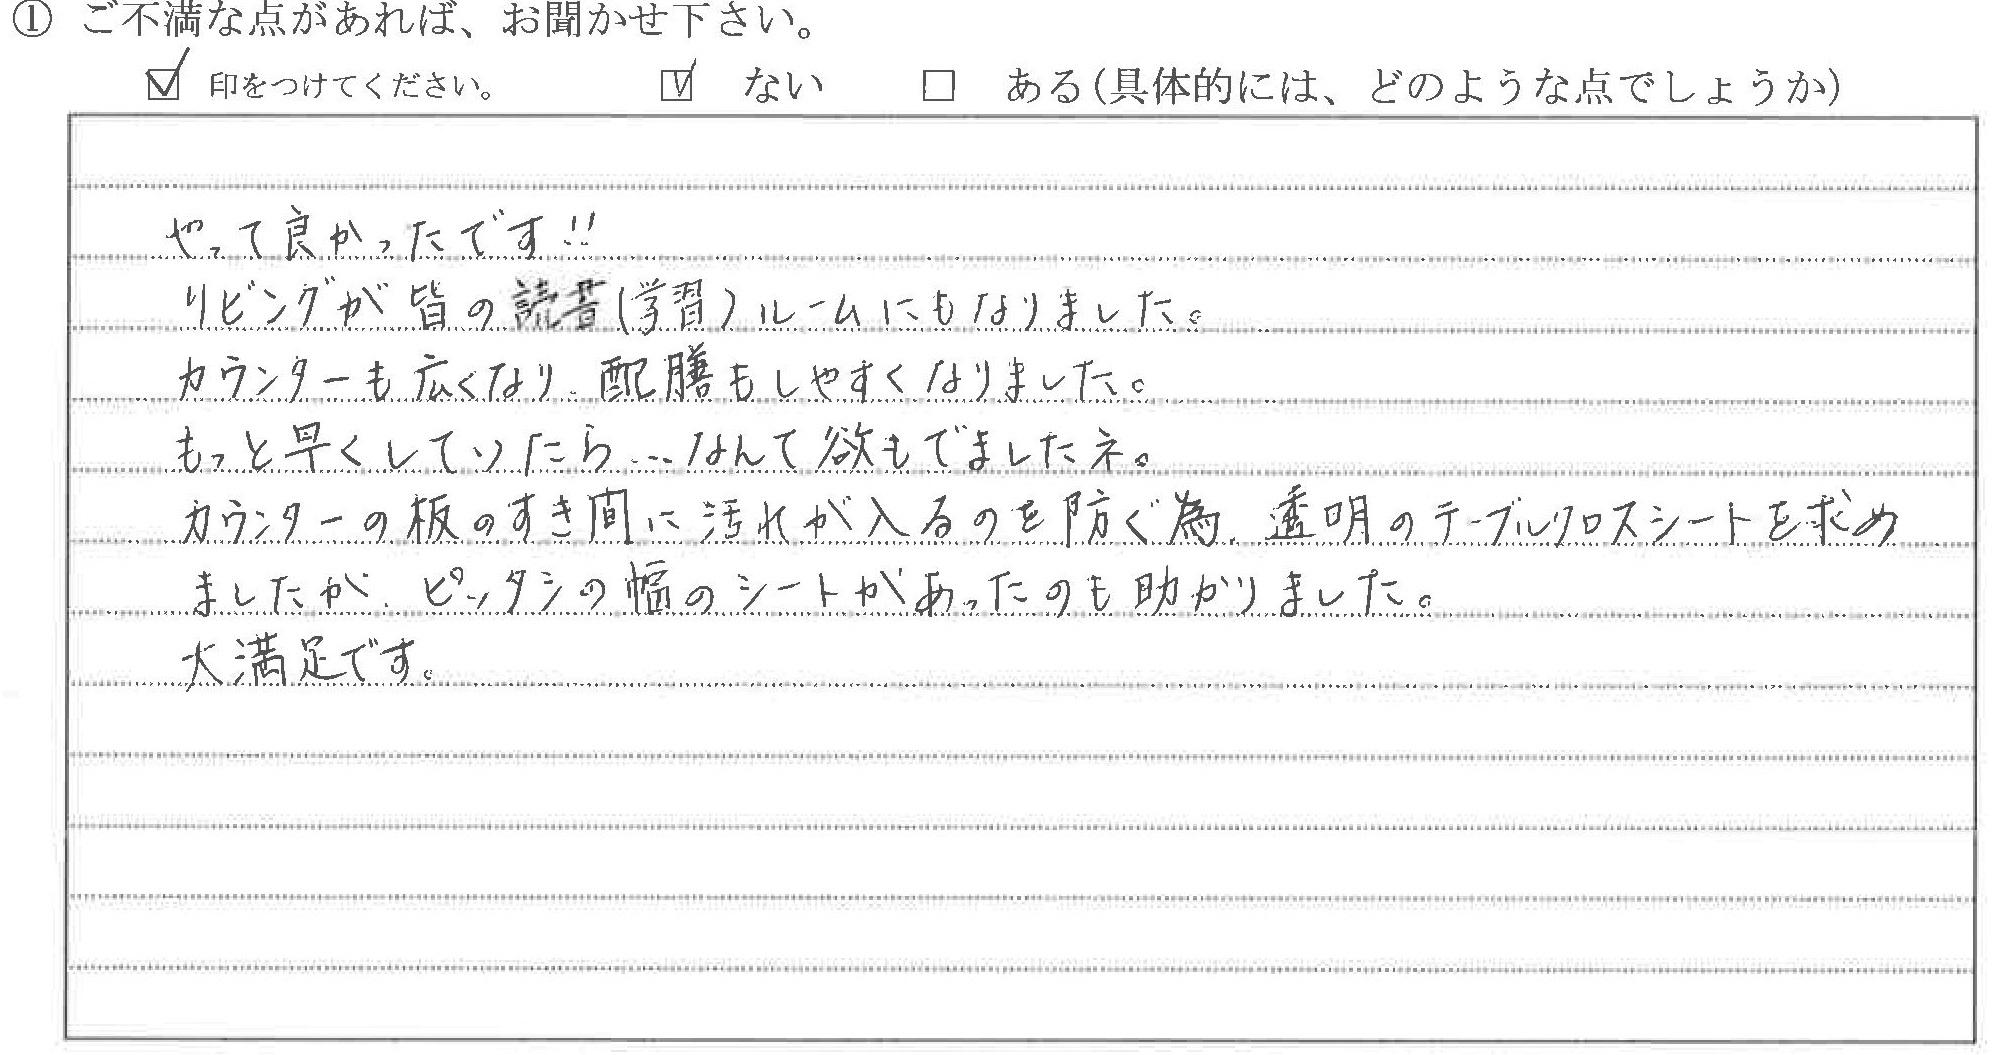 石川県金沢市 S様に頂いた対面カウンター収納、クロス補修についてのご不満な点があれば、お聞かせ下さい。というご質問について「カウンター収納」というお声についての画像